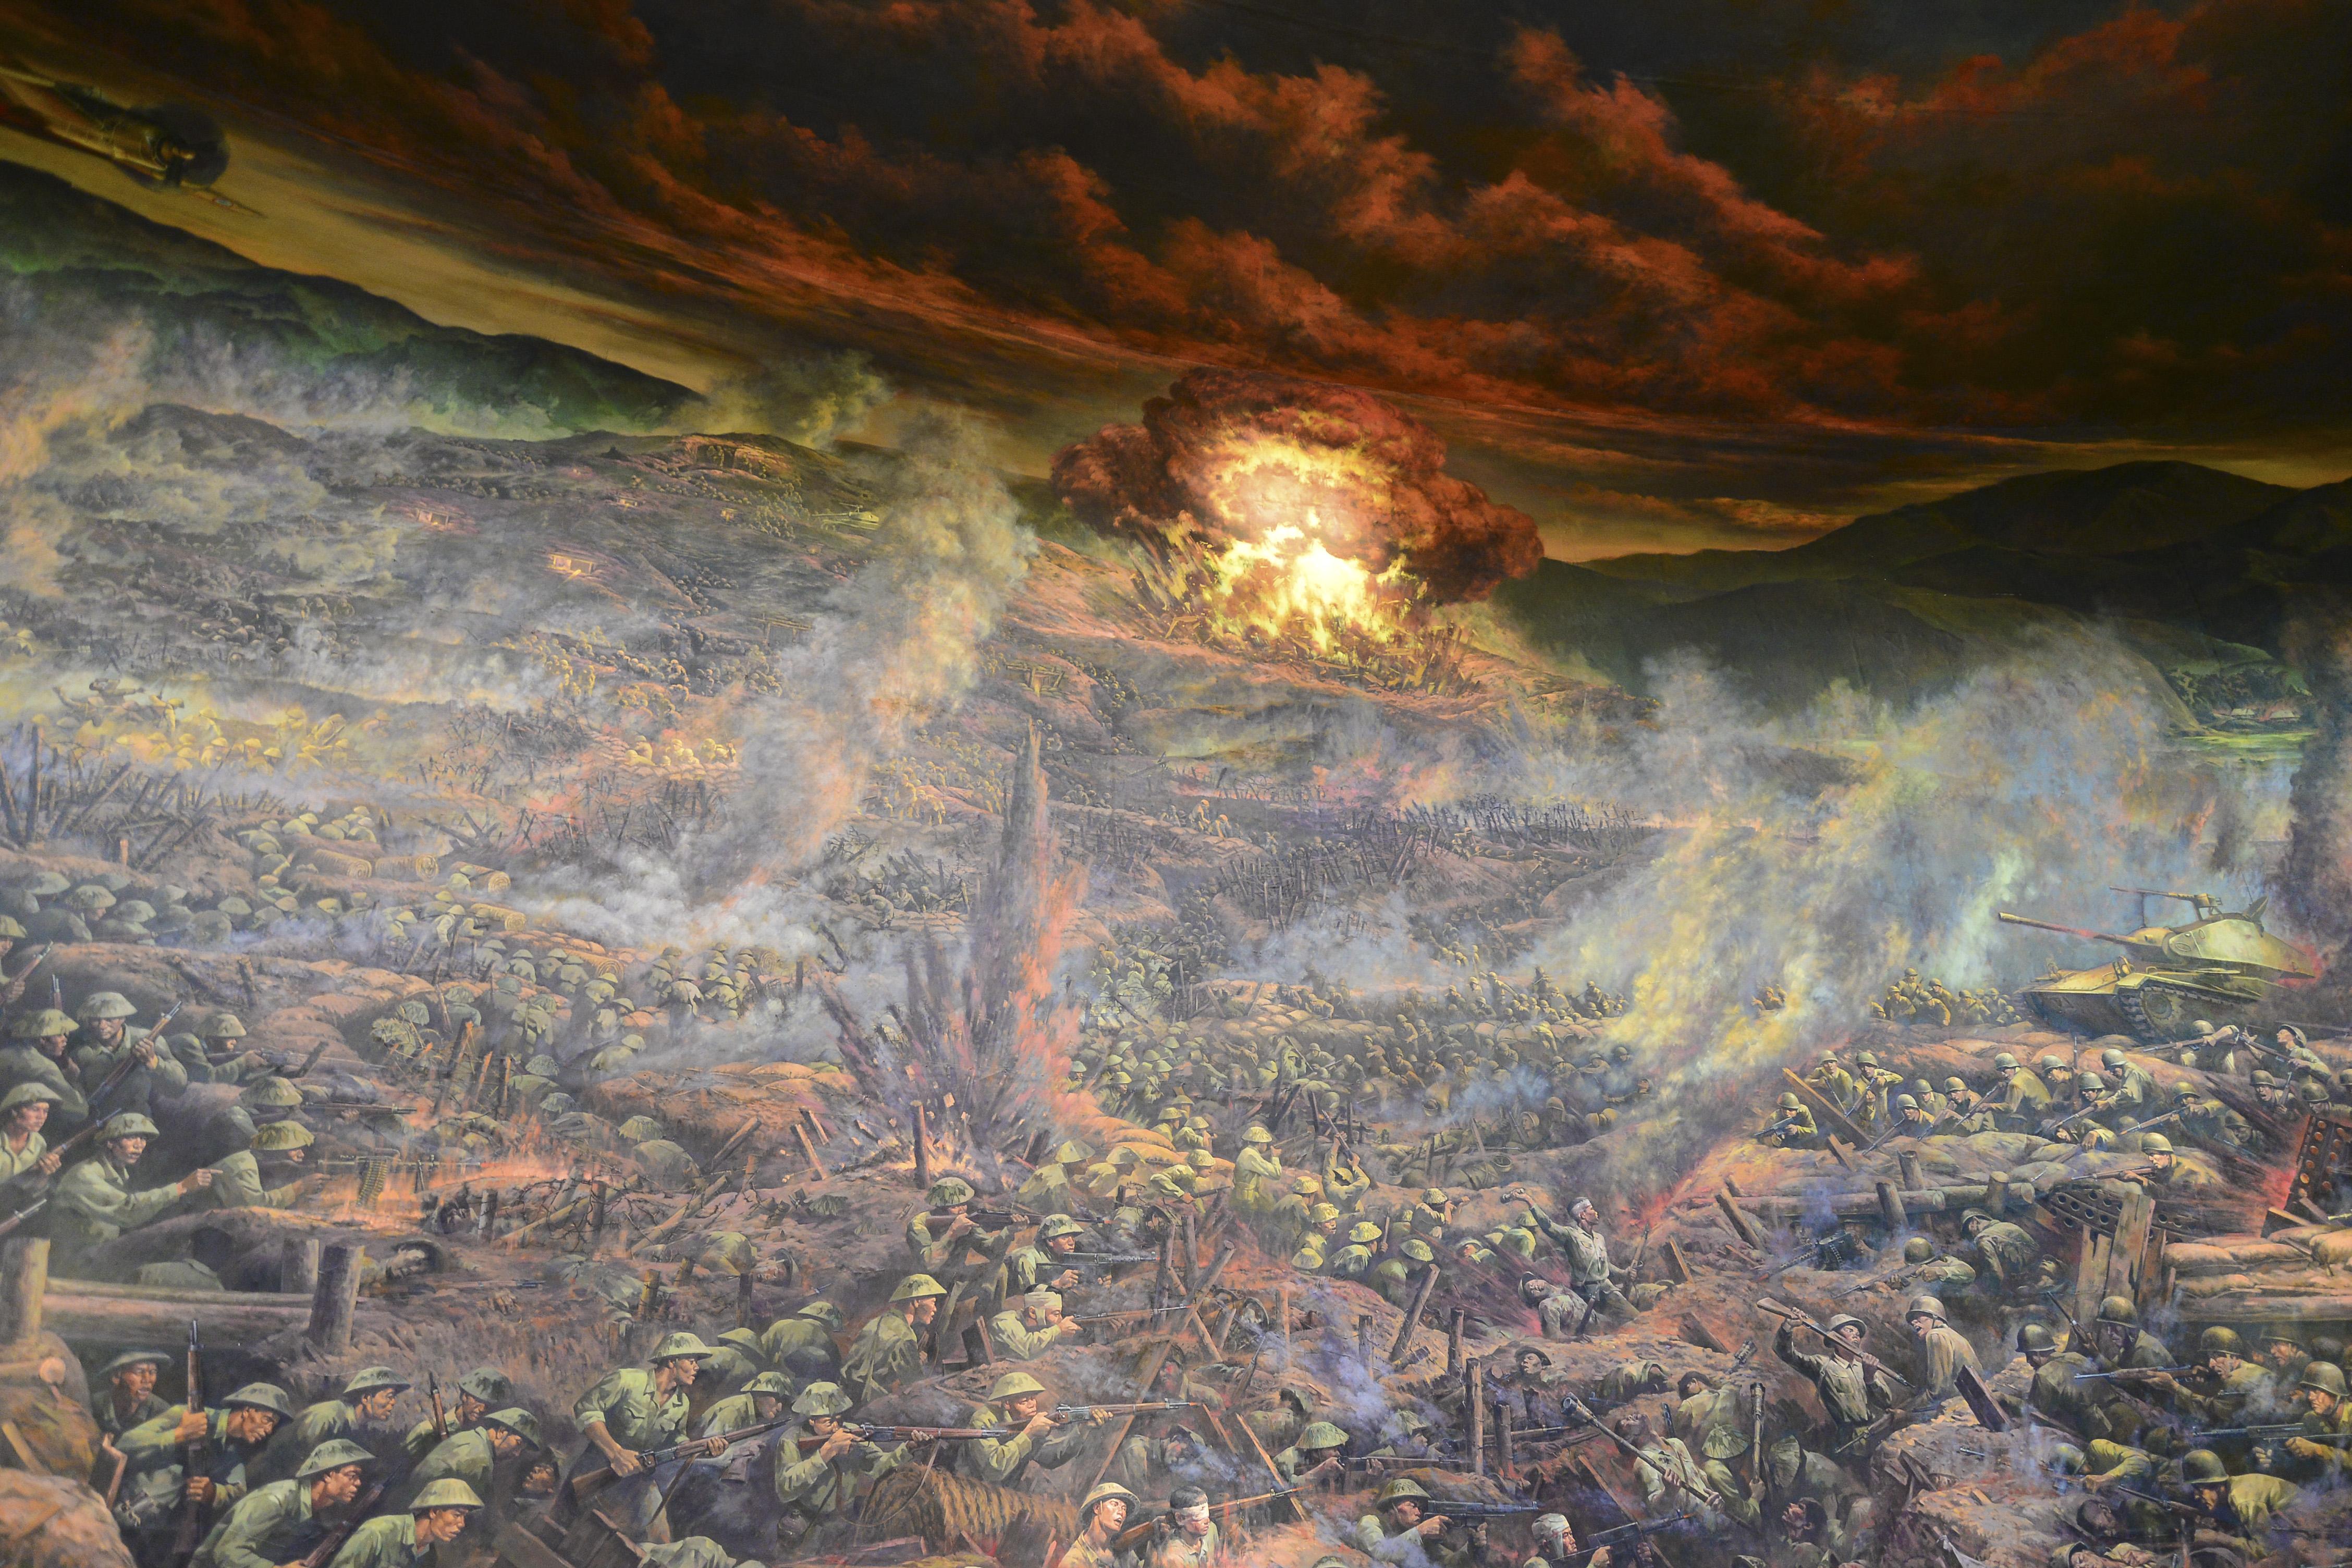 """Bức tranh đã mô tả, khắc họa rõ nét """"Năm mươi sáu ngày đêm khoét núi, ngủ hầm, mưa dầm, cơm vắt"""" của quân và dân ta để làm nên chiến thắng chấn động địa cầu.jpg"""